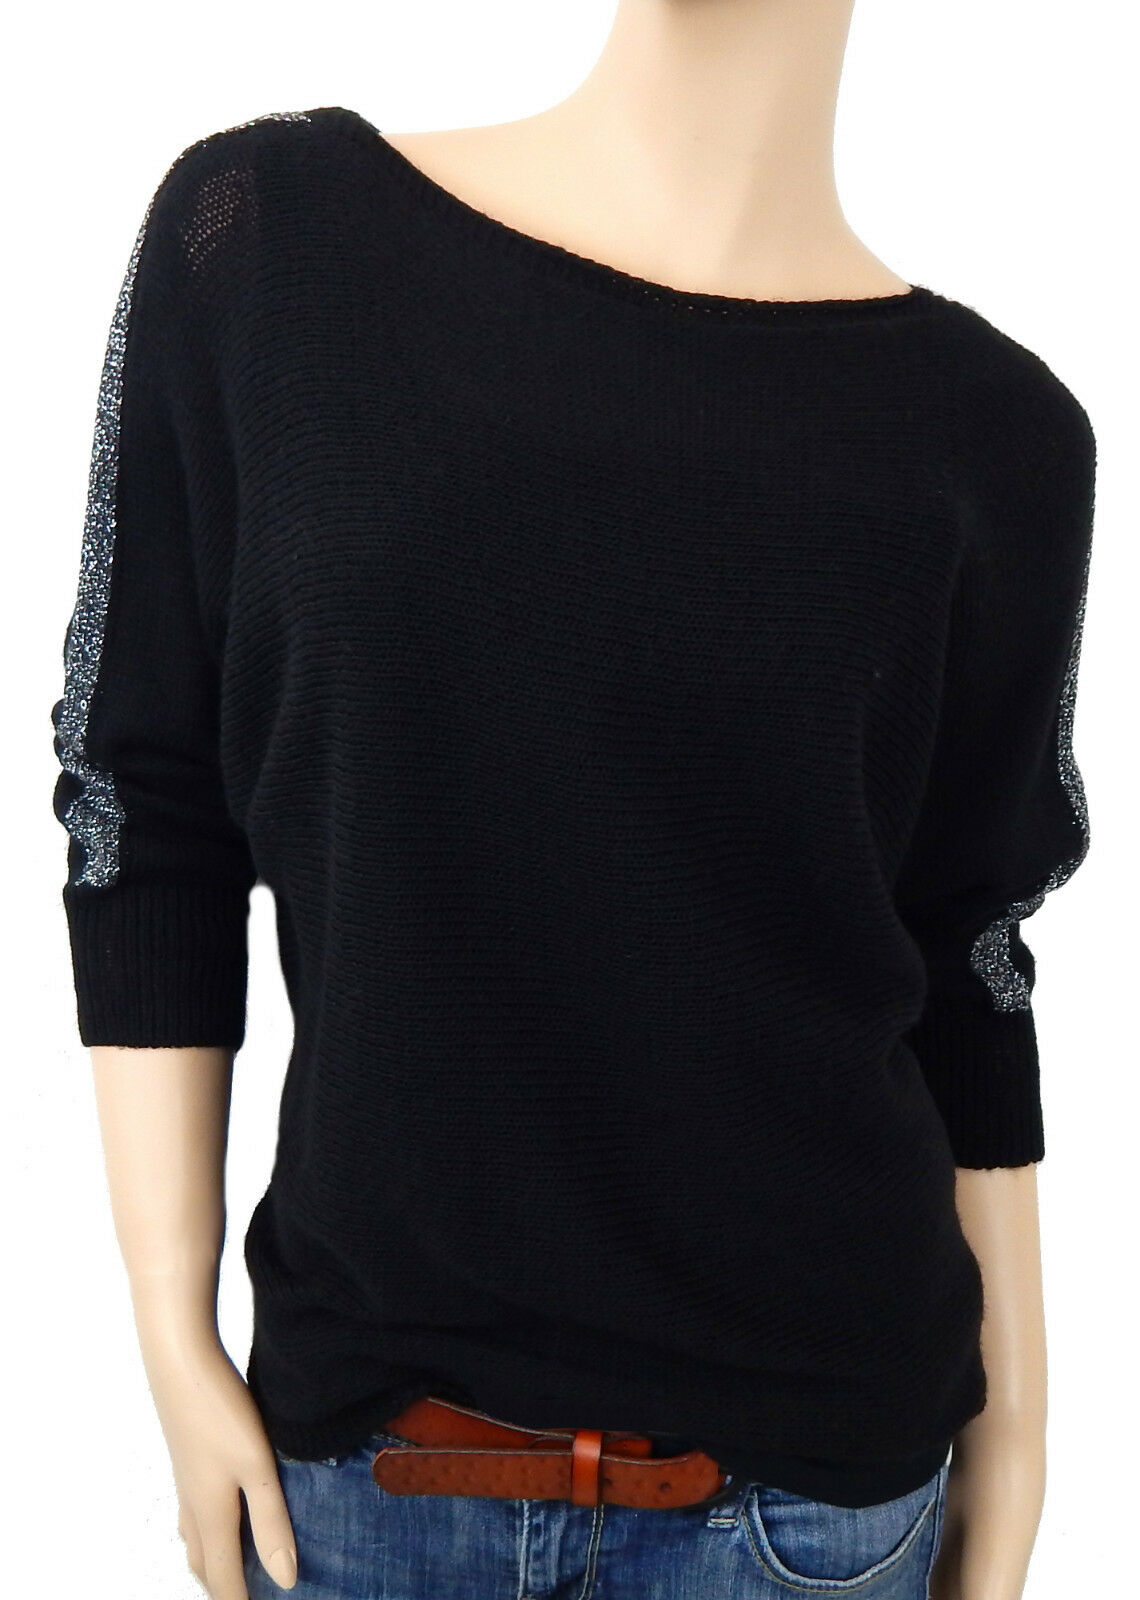 M Made in Italy Ella Jonte weicher Feinstrick Pullover grau Größe 38 40 42 Gr